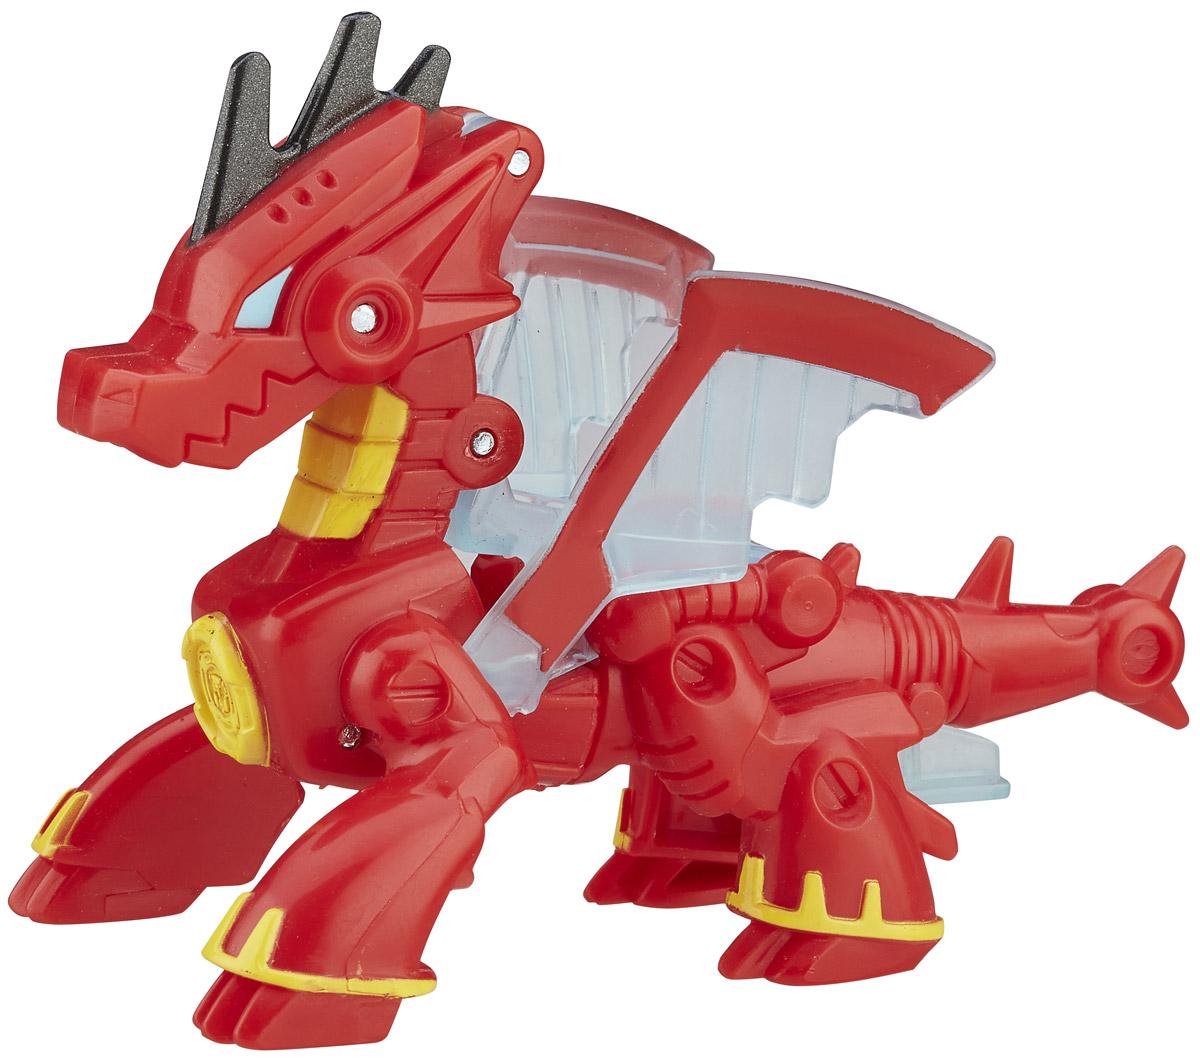 Playskool Heroes Трансформер Drake the Dragon-BotB4954EU4_B4956Трансформер Playskool Heroes Drake the Dragon-Bot обязательно порадует малыша. Он выполнен из прочного пластика красного цвета в виде дракона-трансформера. Ваш малыш будет отчаянно сражаться с противниками вместе с трансформерами! Небольшой размер дракона разработан специально для маленьких детских ручек. Придумывать различные увлекательные сюжеты вместе с героями Playskool Heroes станет еще интереснее, ведь вы можете собрать целую коллекцию!